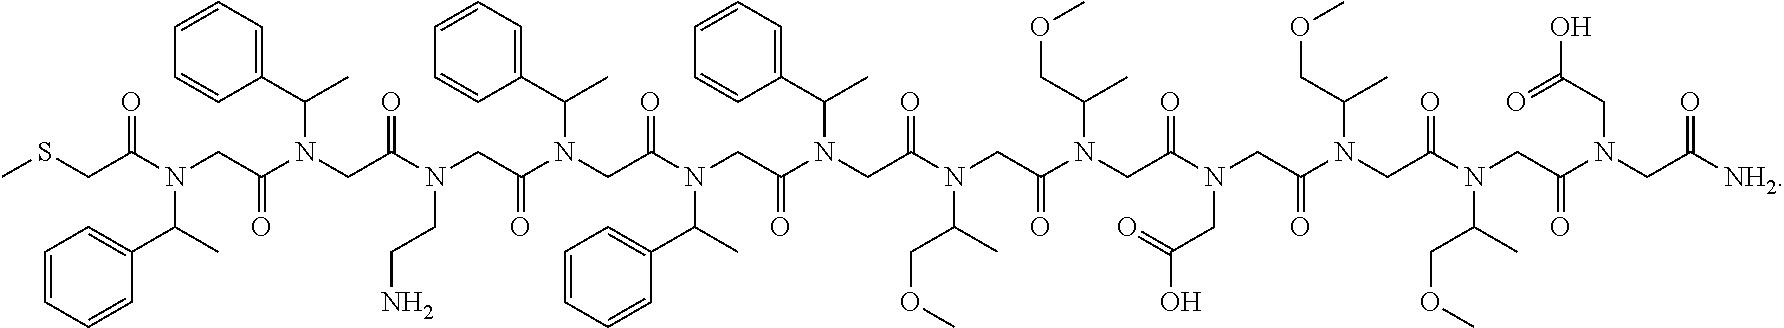 Figure US08461300-20130611-C00008